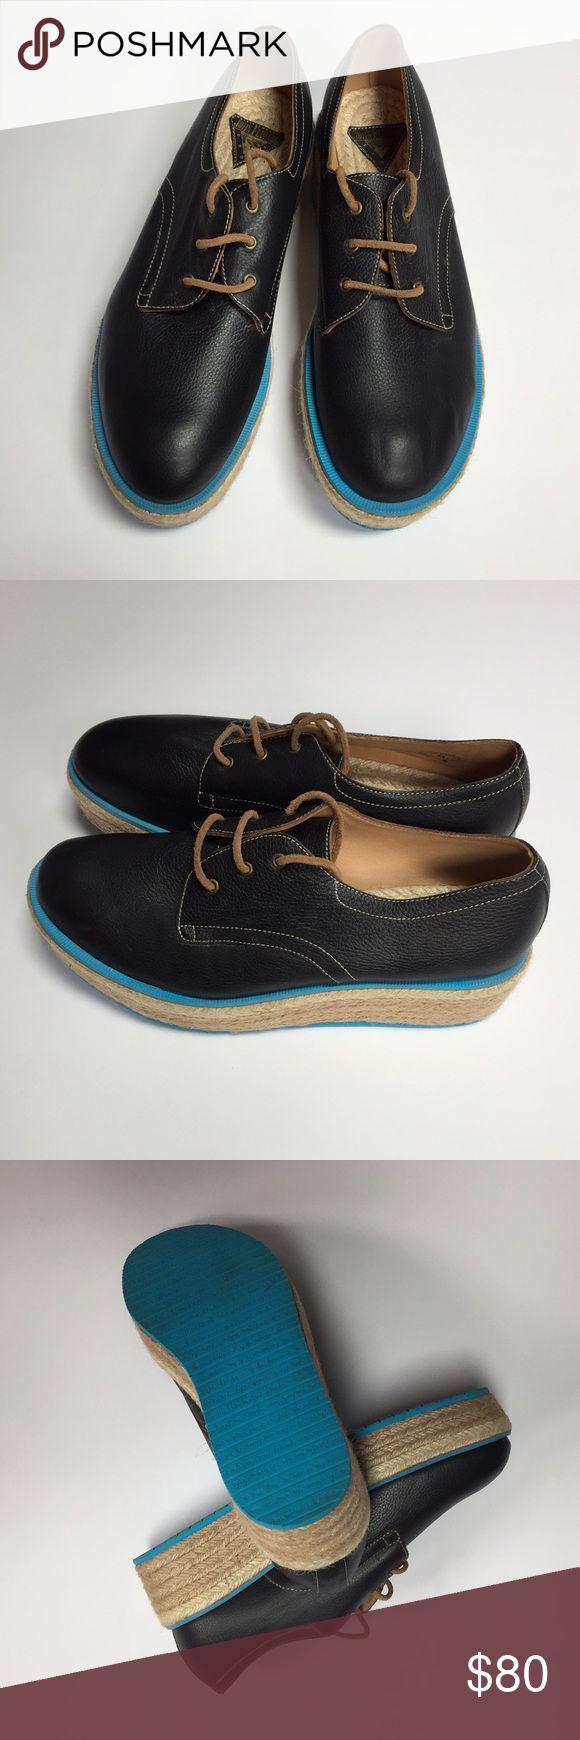 25 best ideas about mens platform shoes on